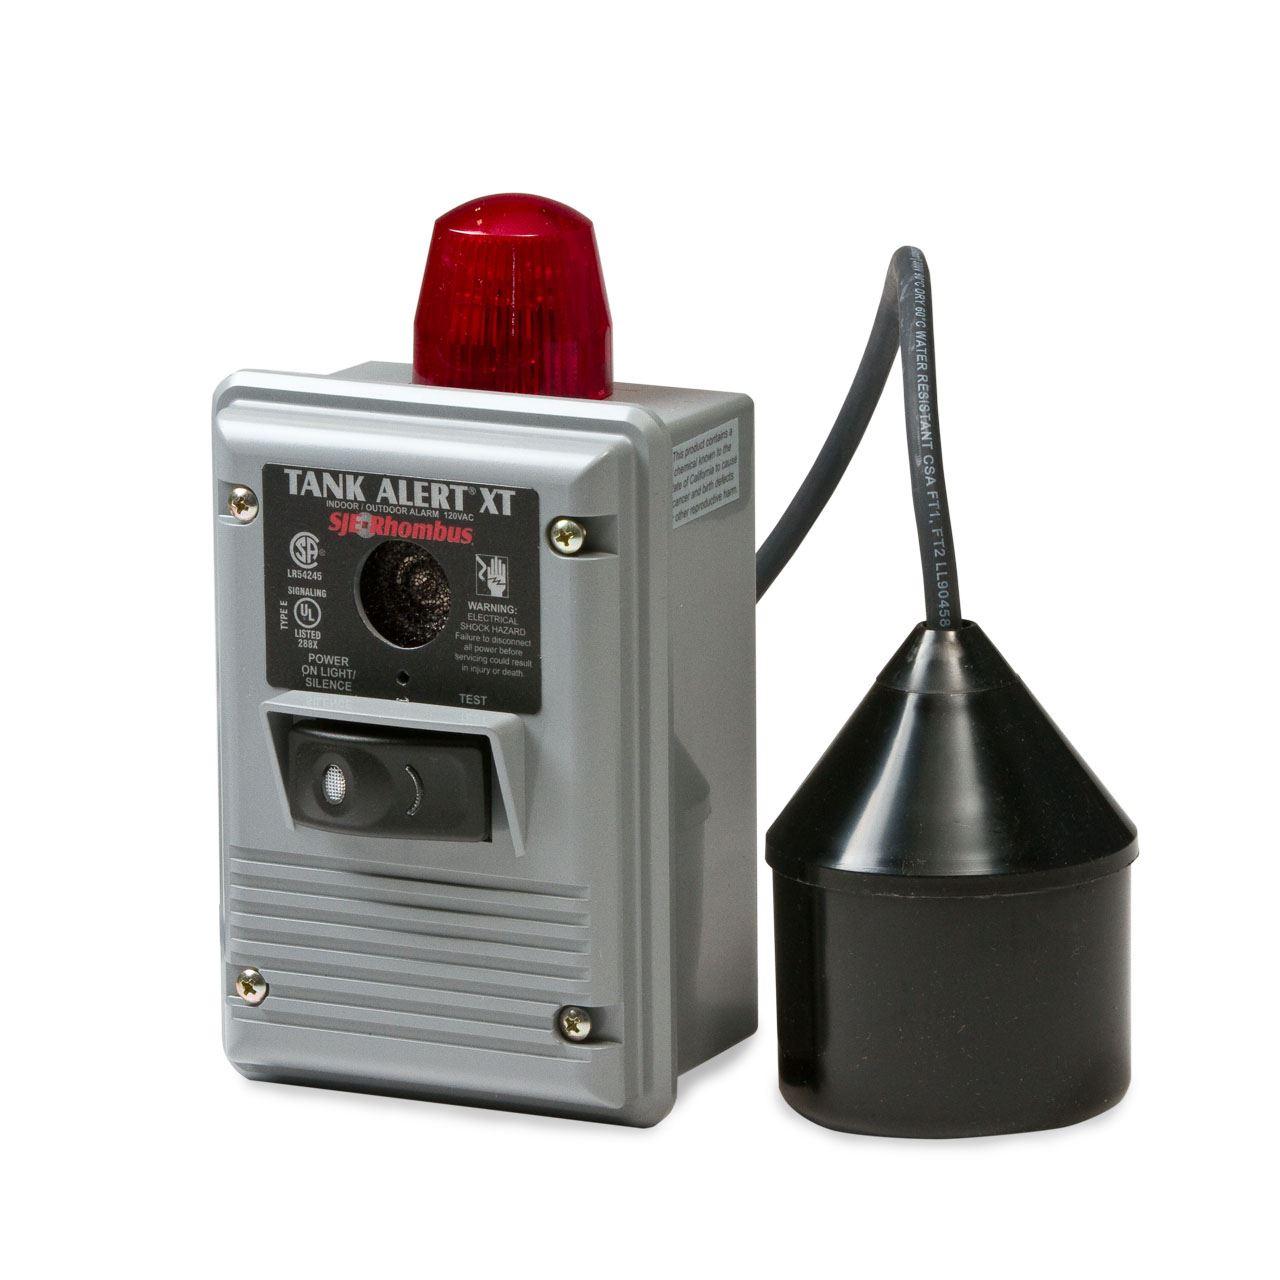 sjrhombustankalertxt_f_w?bw=750&w=750&bh=750&h=750 sje rhombus sje rhombus taxt 01h tank alert xt 120v w 15' sensor tank alert xt wiring diagram at fashall.co